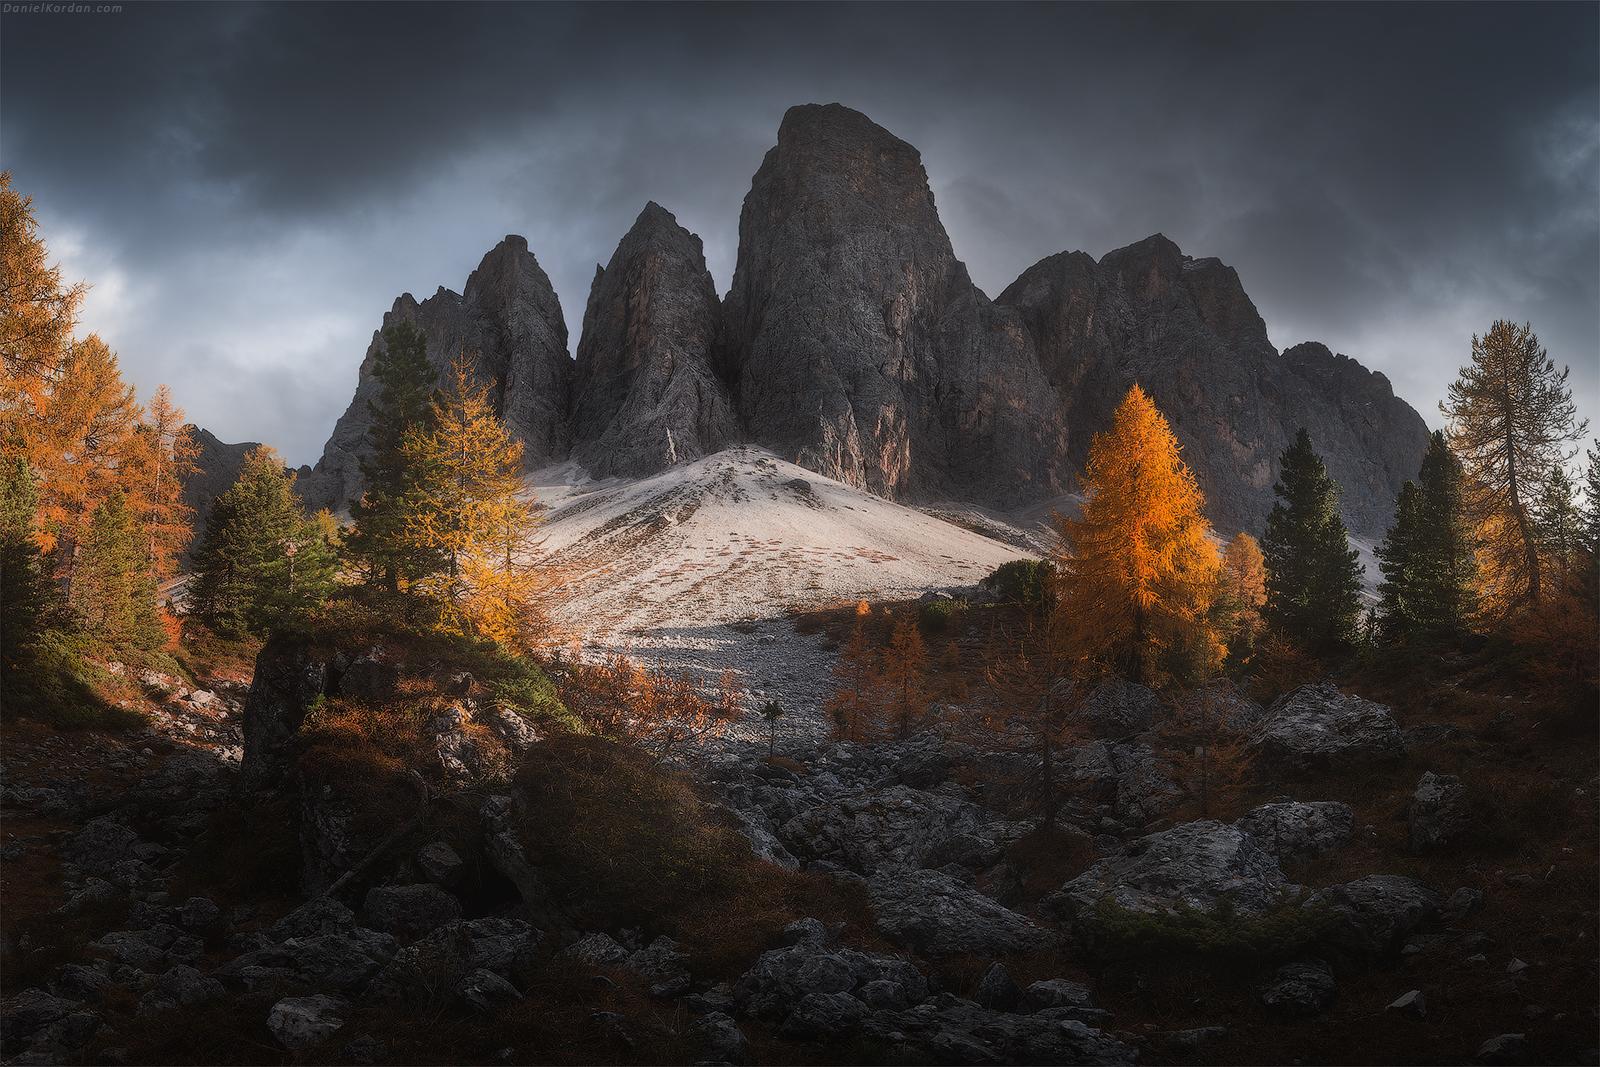 Autumn in Dolomites | 7 Day Photo Workshop